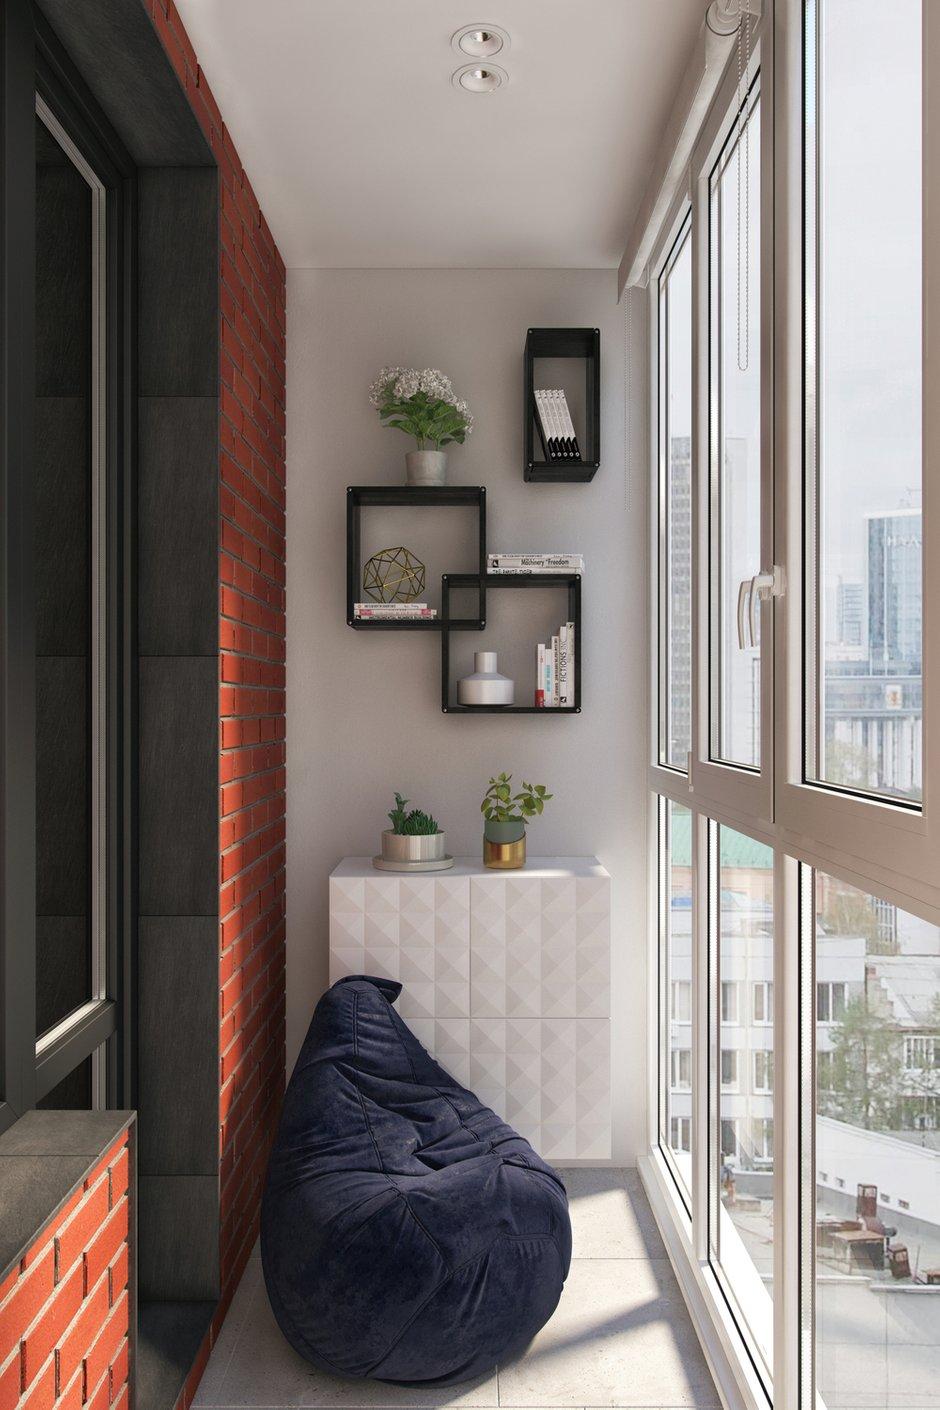 Фотография: Балкон в стиле Современный, Квартира, Проект недели, Москва, Geometrium, 3 комнаты, Более 90 метров, Монолитно-кирпичный, ЖК «Александр» – фото на INMYROOM